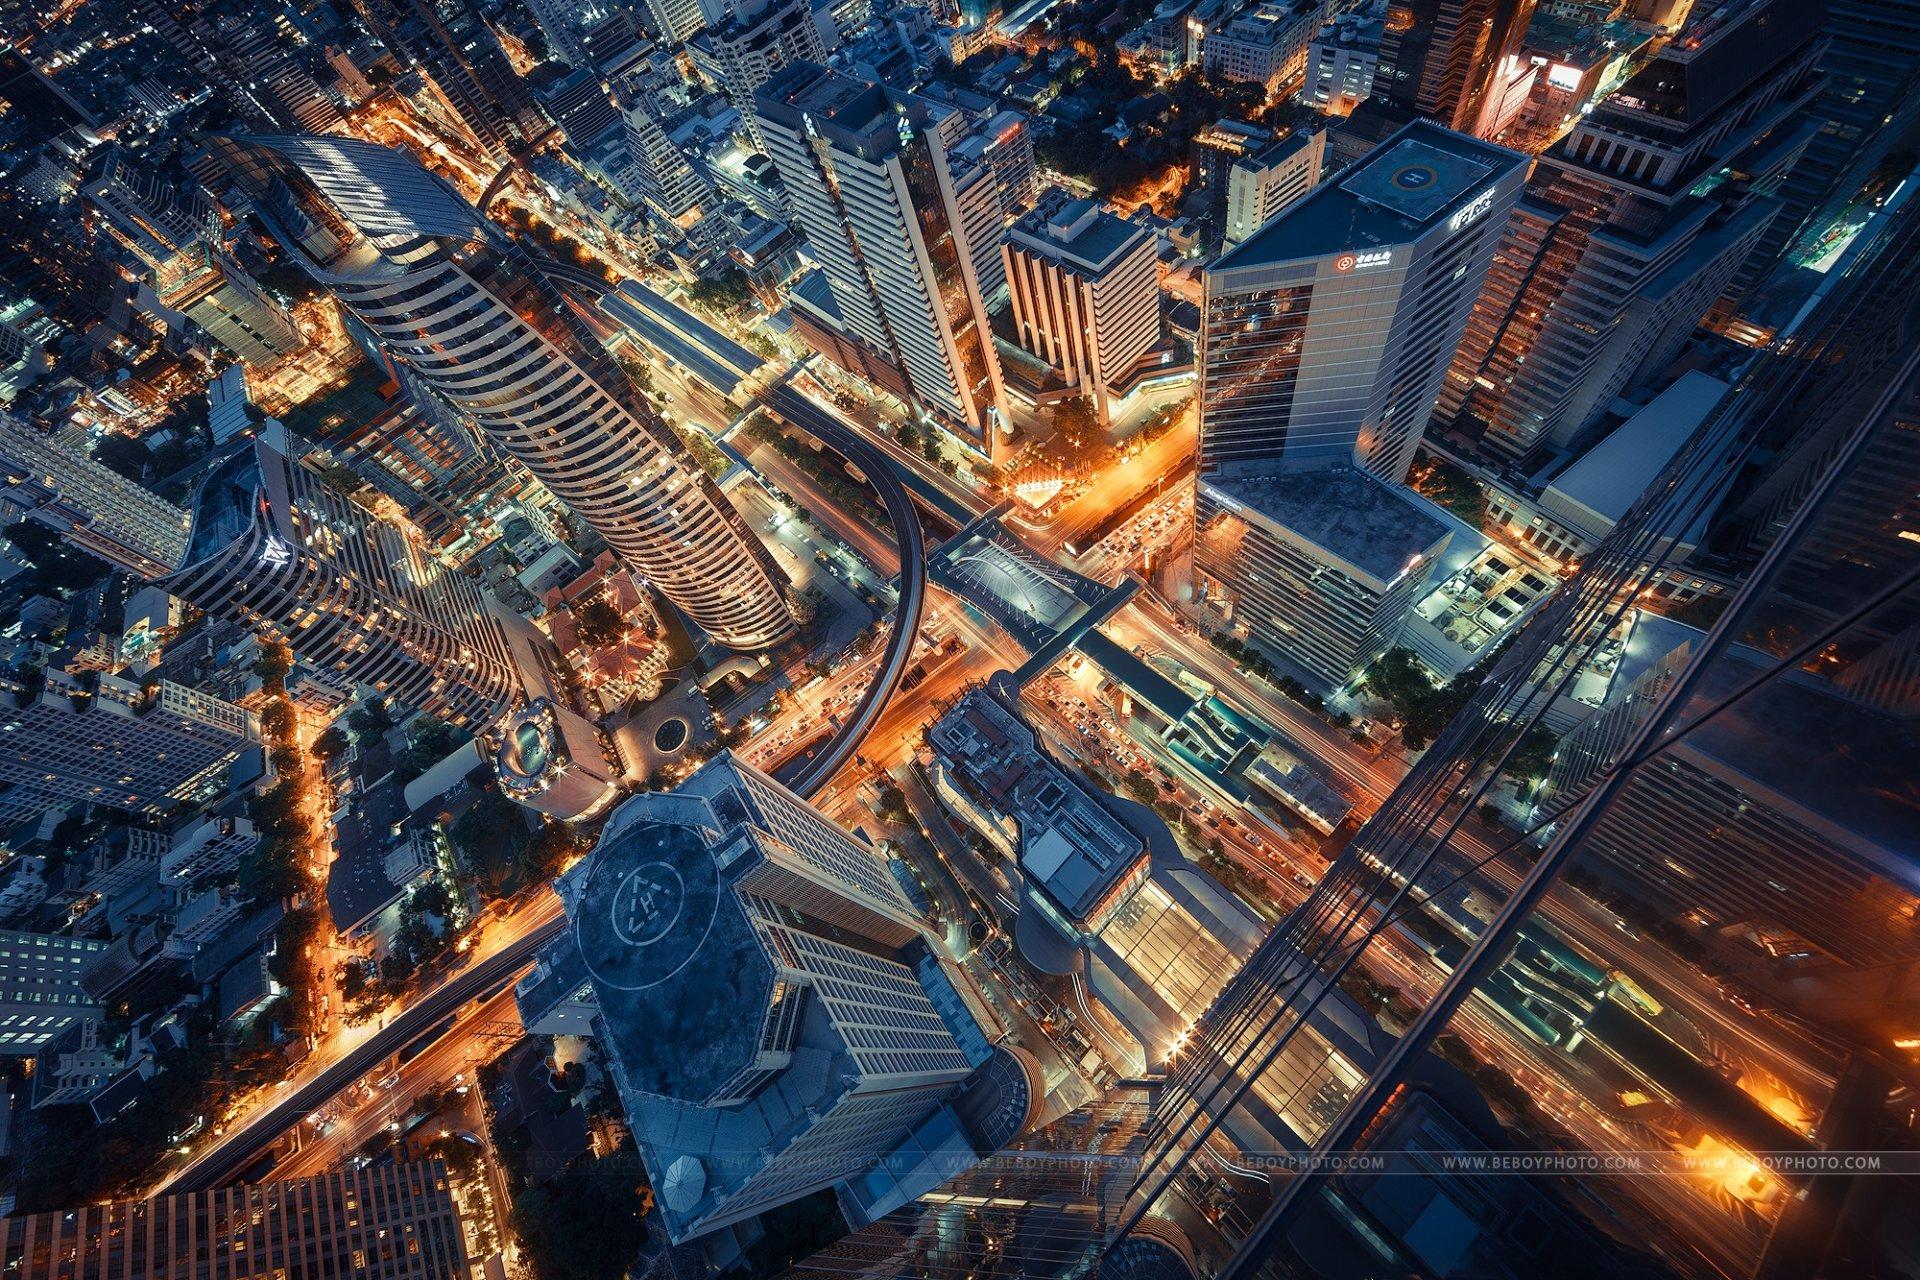 бангкок фото города обои для айфона сне безглавую